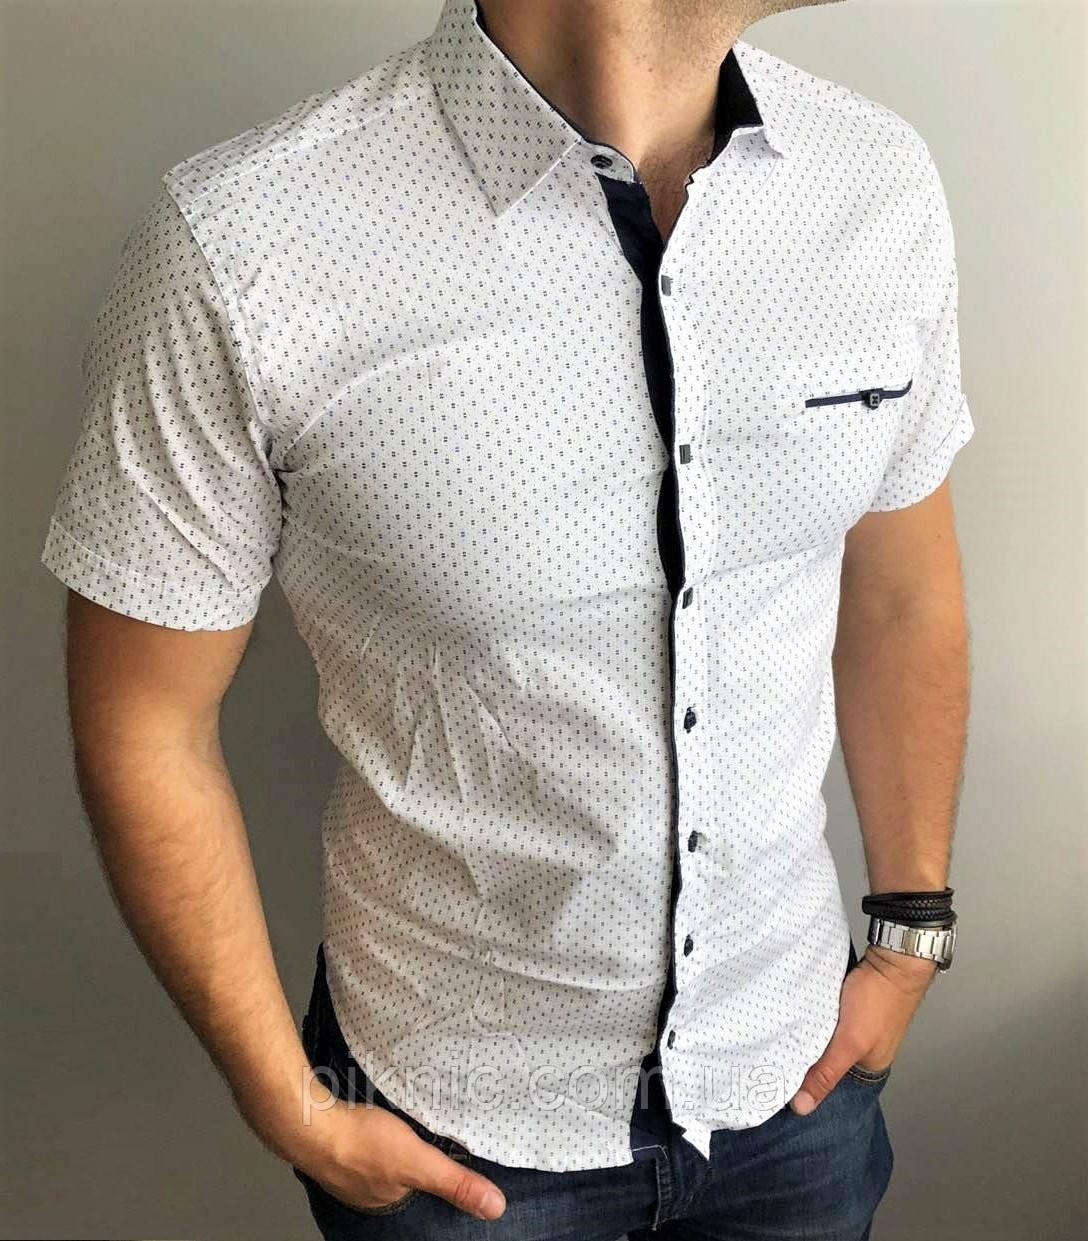 Рубашка мужская XXL (50) приталенная короткий рукав слим фит Турция. Молодежная турецкая Белый